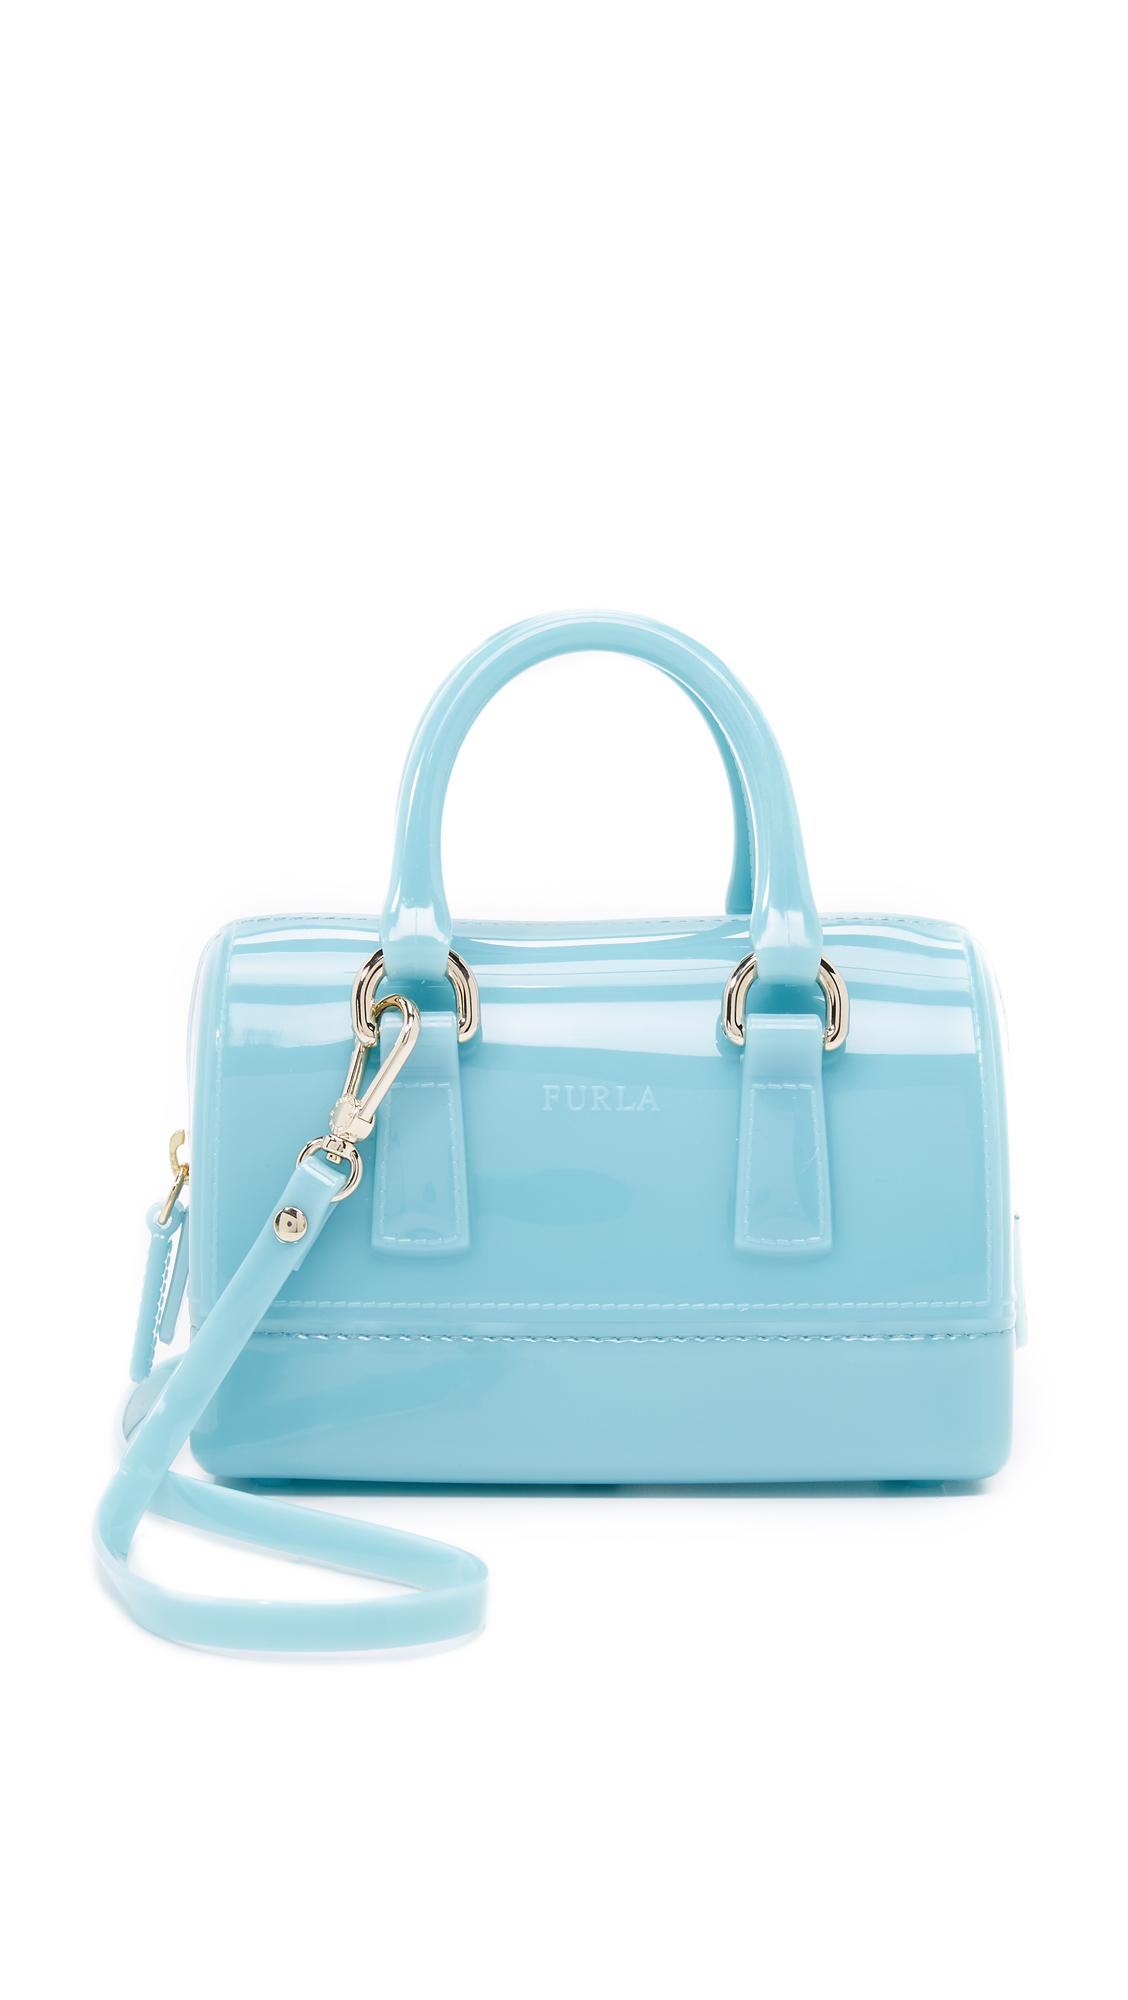 furla sweetie mini cross bag in blue lyst